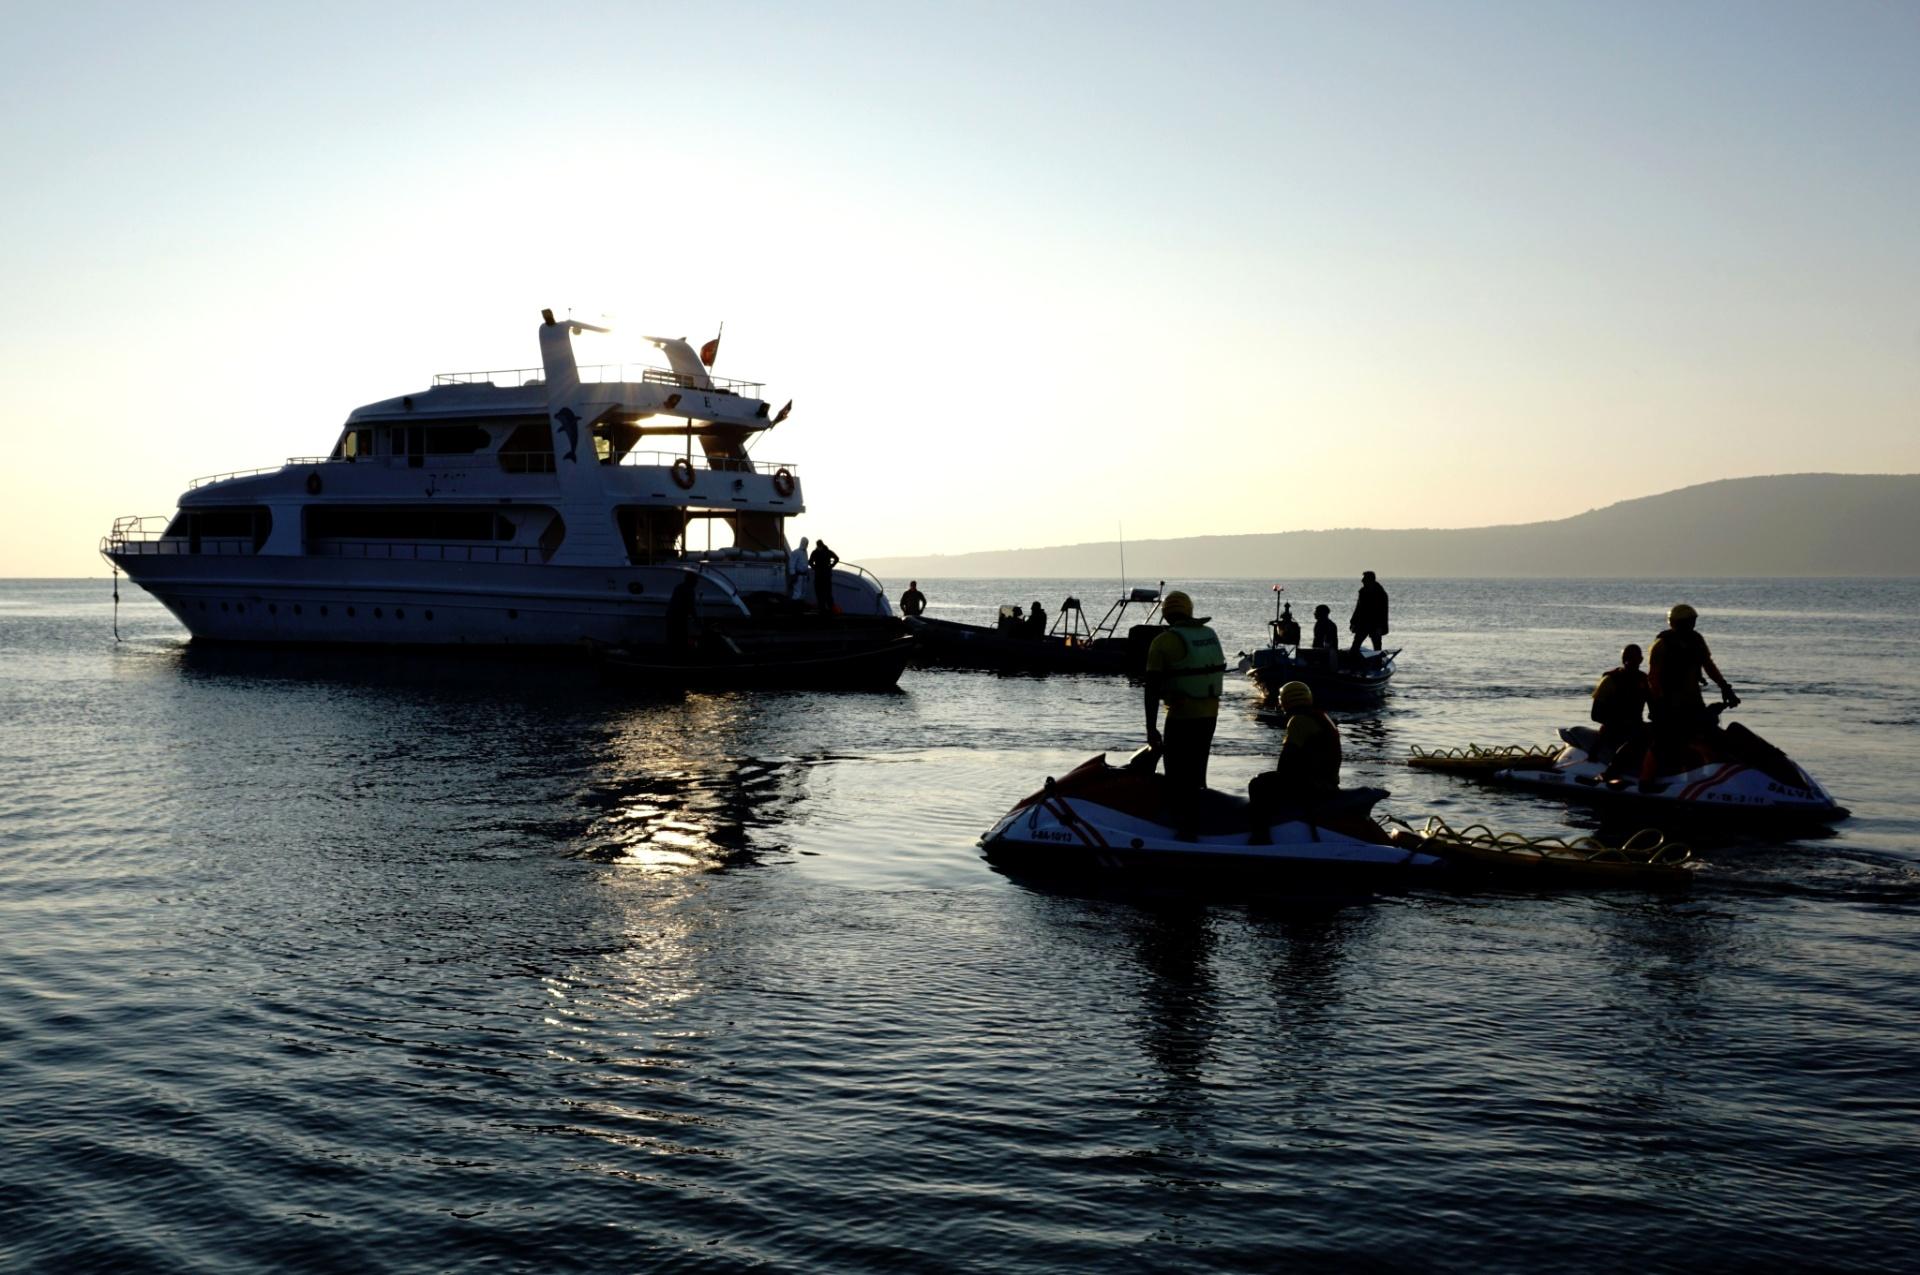 Guarda costeira da Grécia acha 345 refugiados escondidos em iate